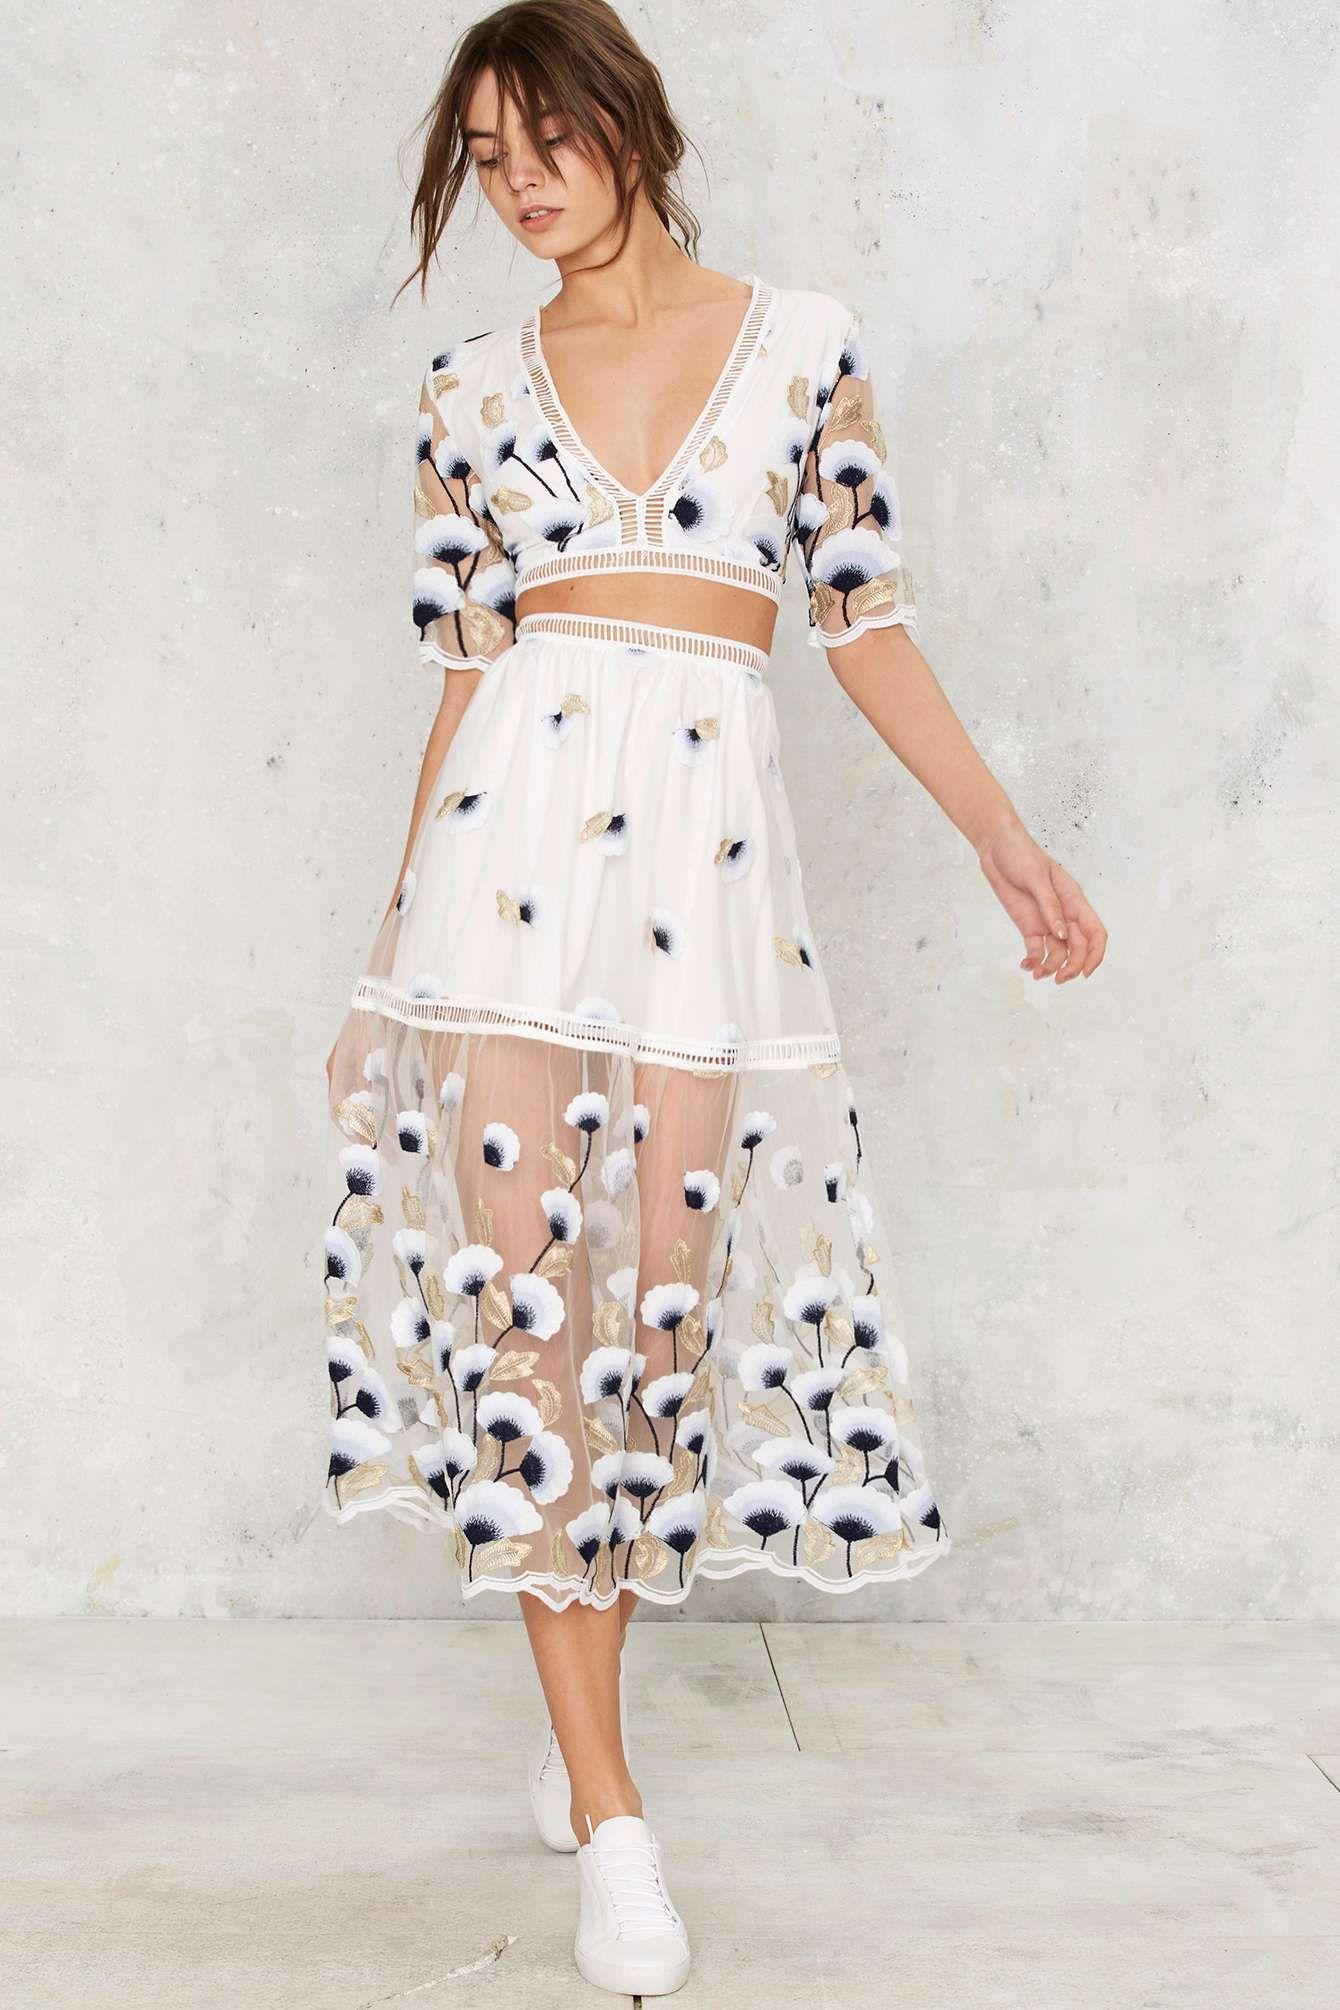 Get a fresh start style pinterest cutout dress dress shops